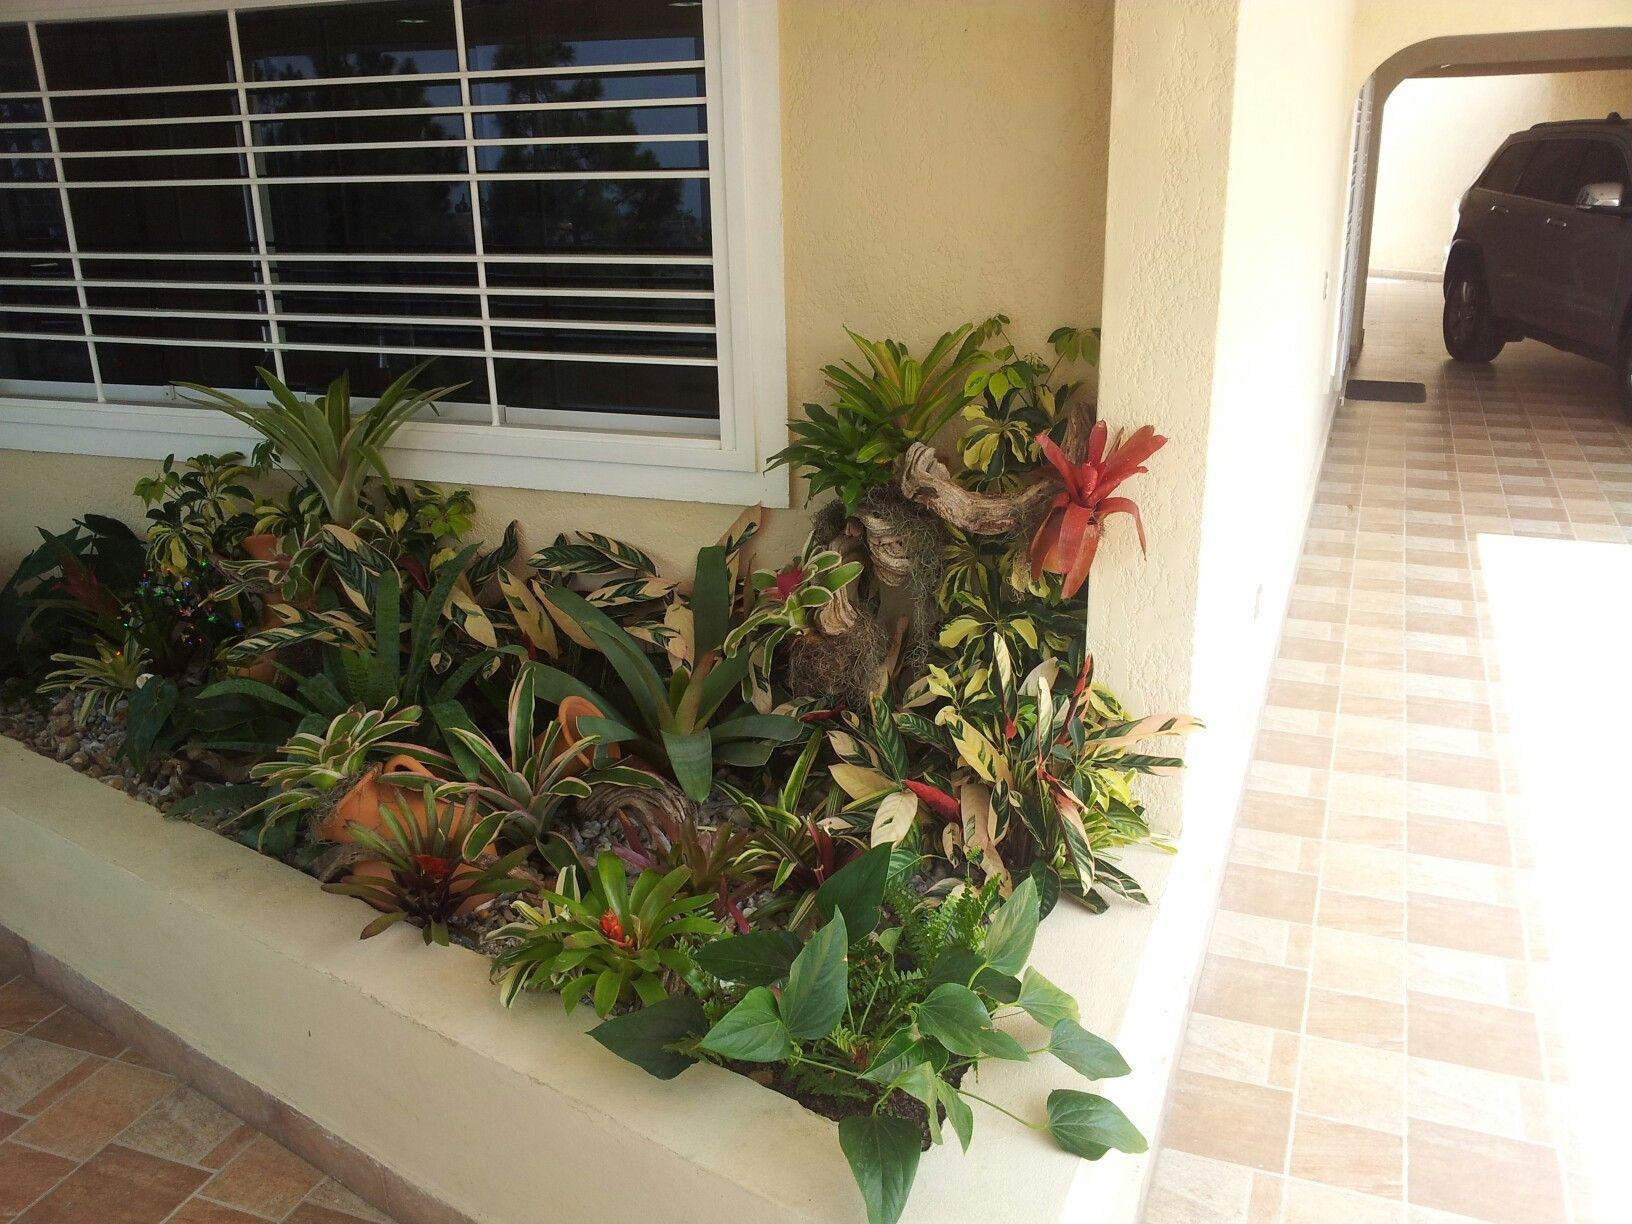 Jardin con plantas jardinera - Plantas para jardineras ...